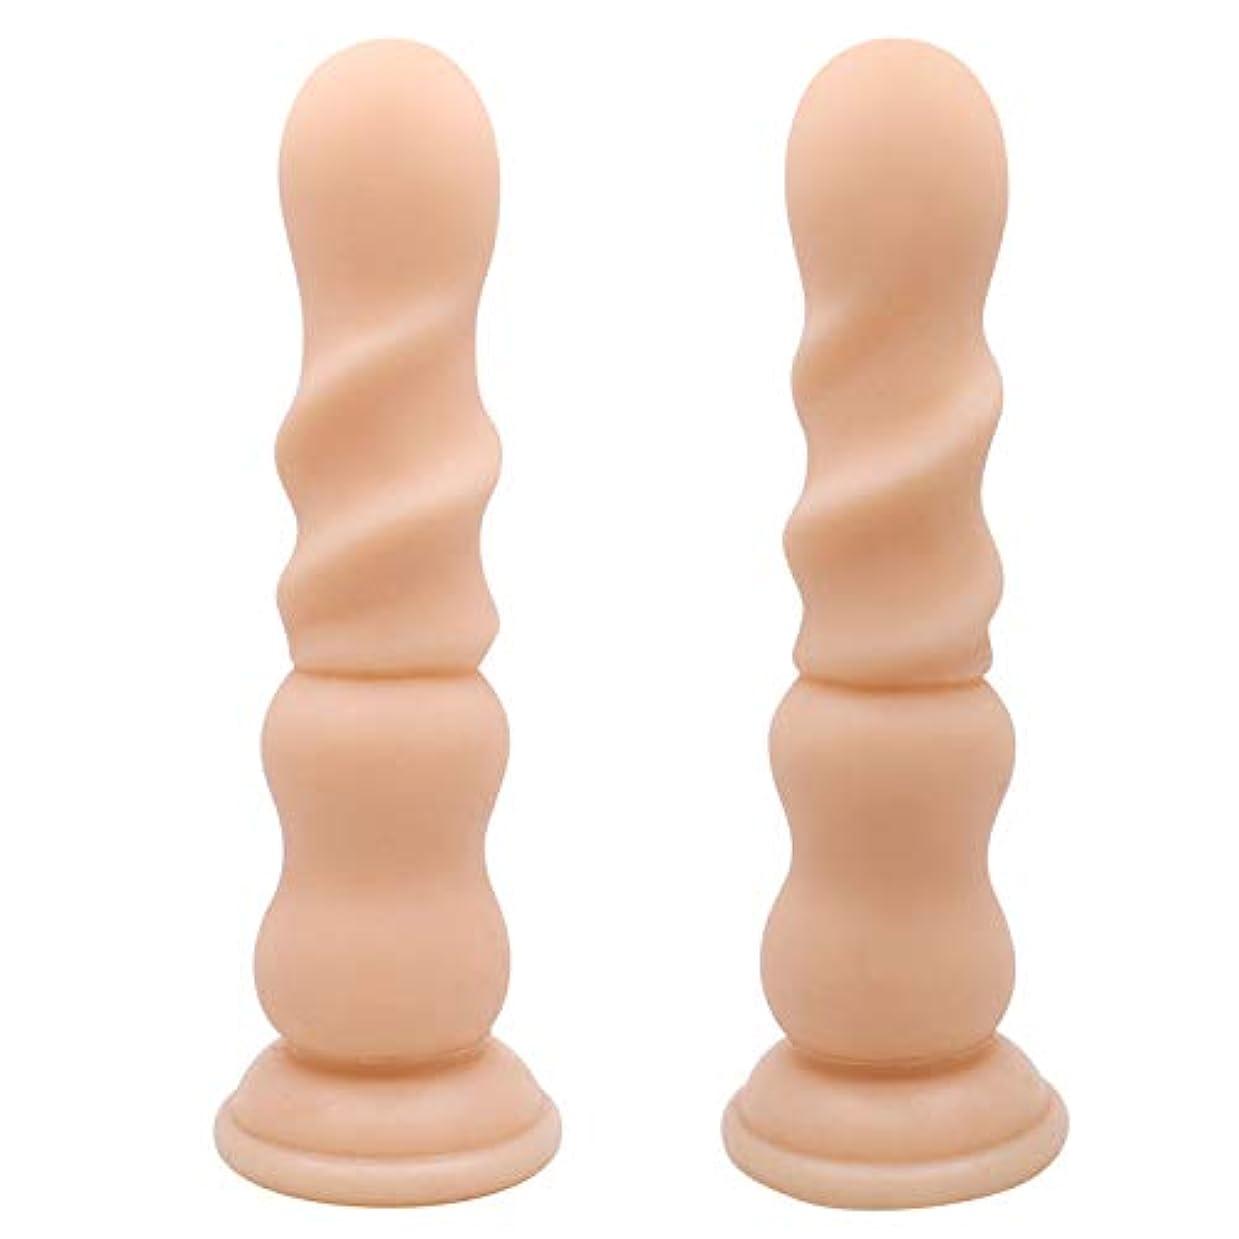 成功する教えて有益ディルド、シリコーンシミュレーションペニススレッドアナルプラグ女性オナニーマッサージャー防水大人の大人のおもちゃ21センチ